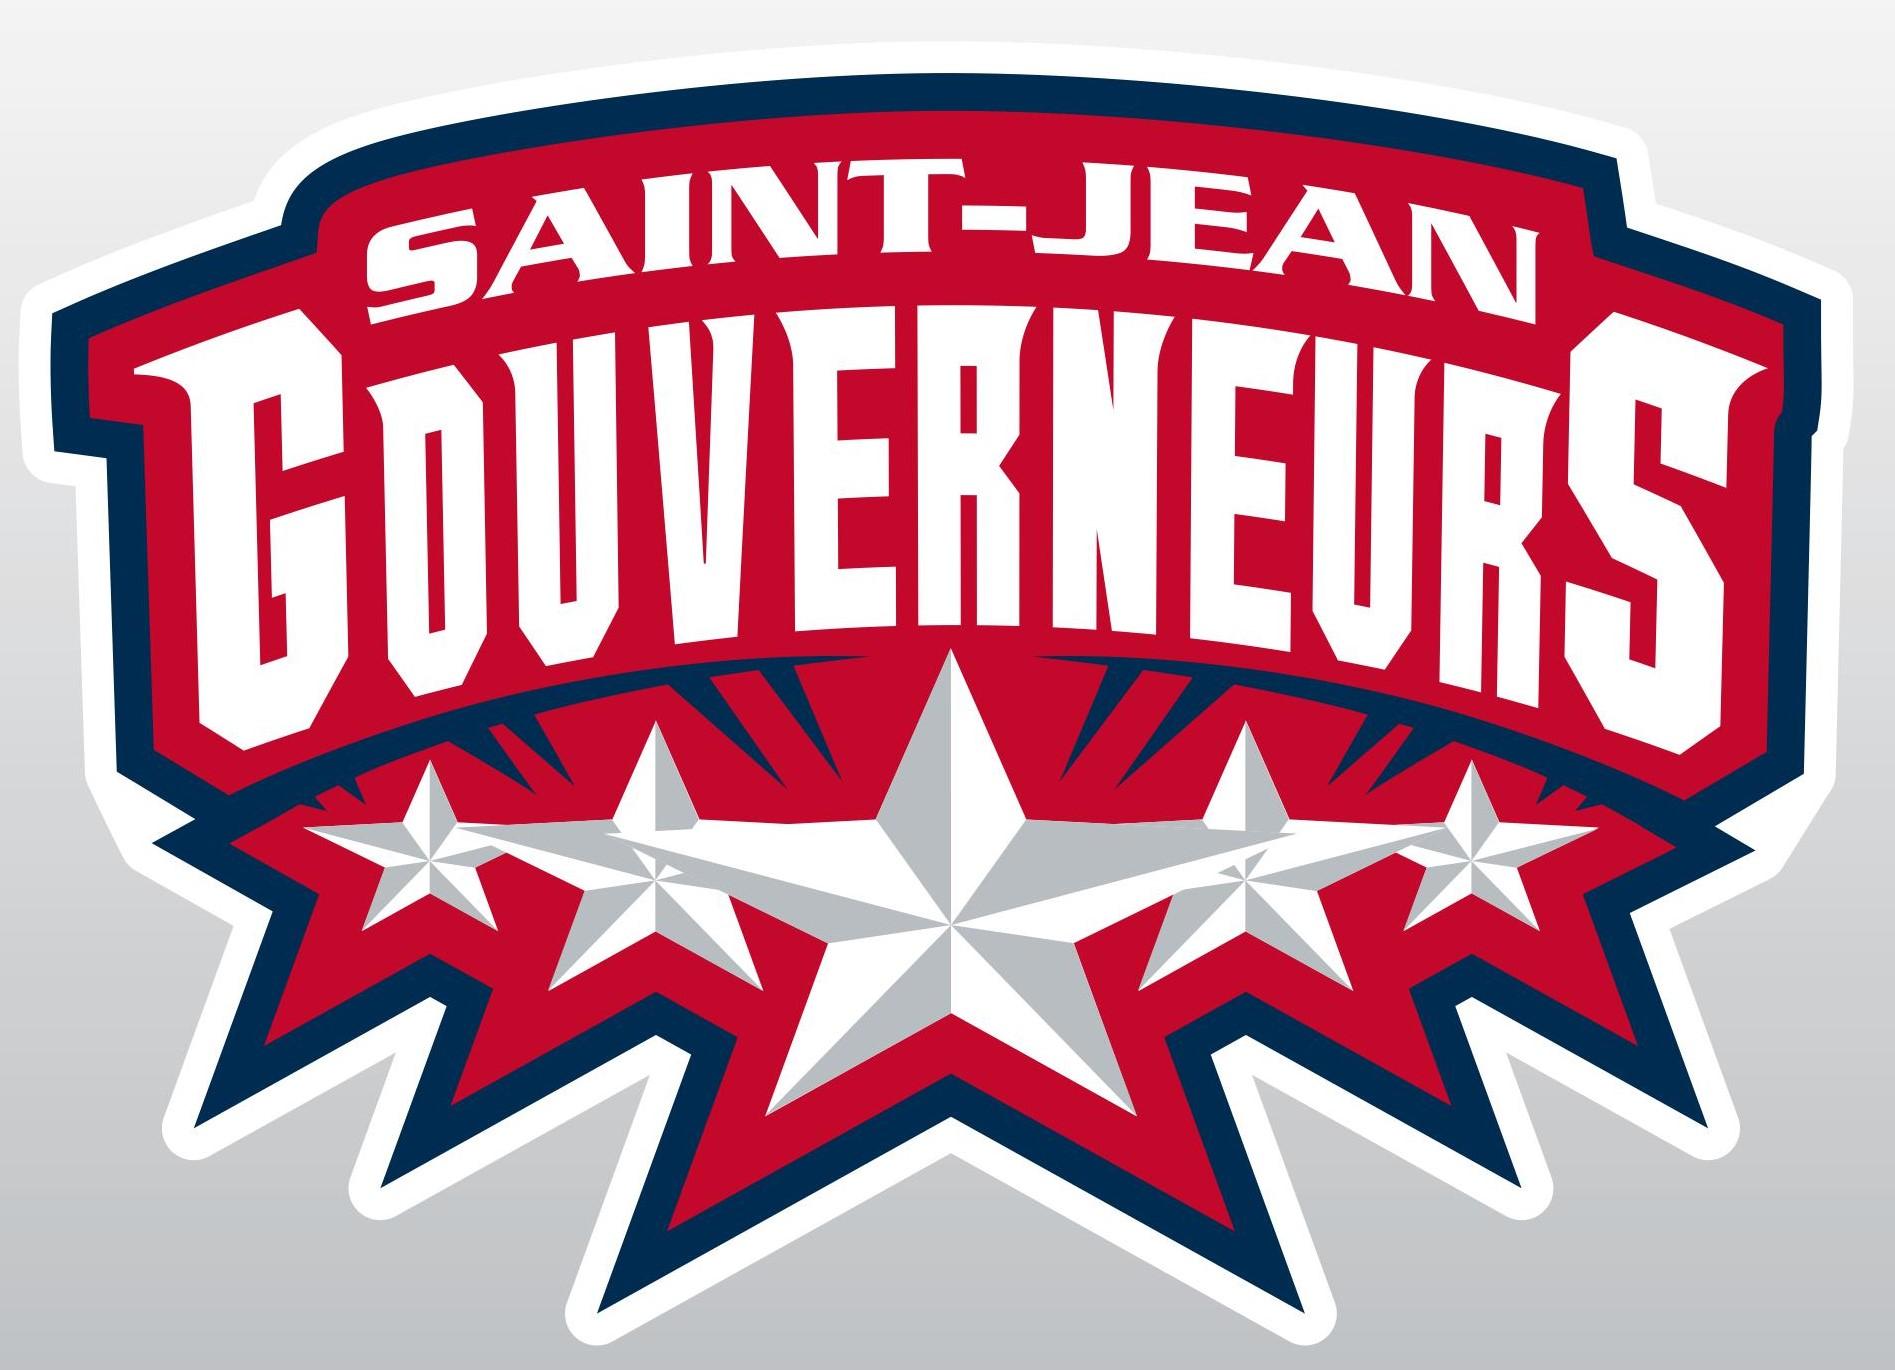 gouverneurs st-jean jpeg (2).jpg (326 KB)